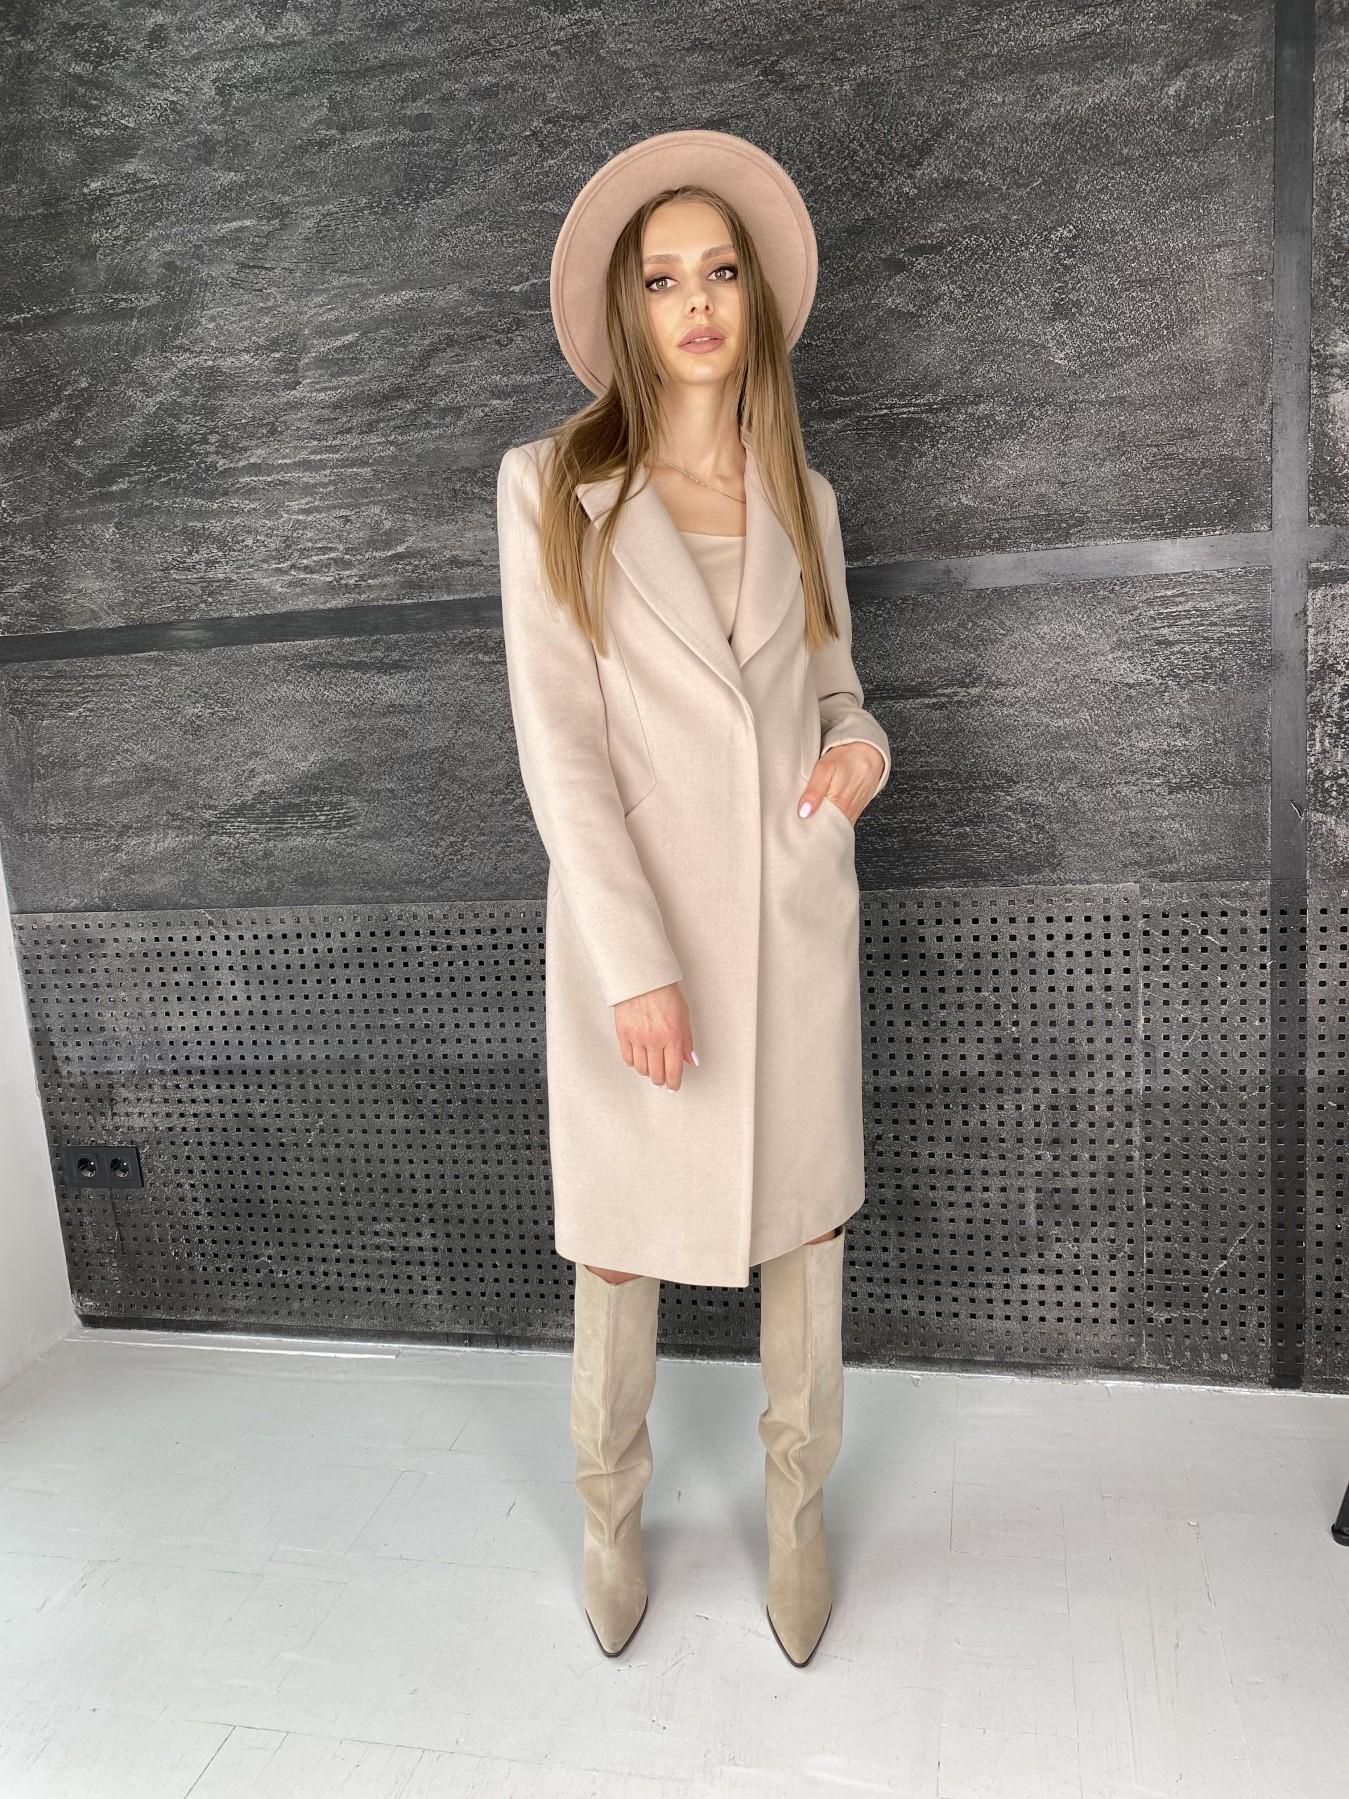 Мехико пальто из гладкого кашемира 10891 АРТ. 47360 Цвет: Бежевый - фото 4, интернет магазин tm-modus.ru